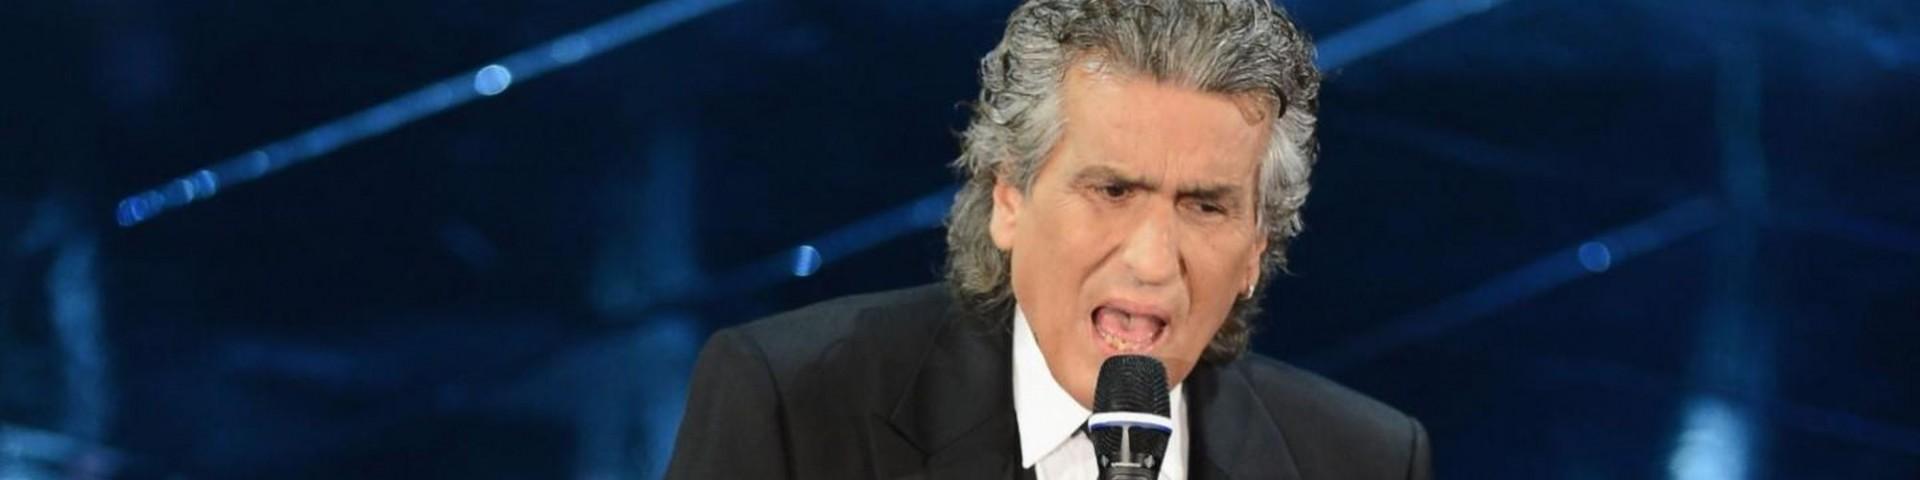 """Toto Cutugno: """"Ecco perché sono tornato in tv"""""""